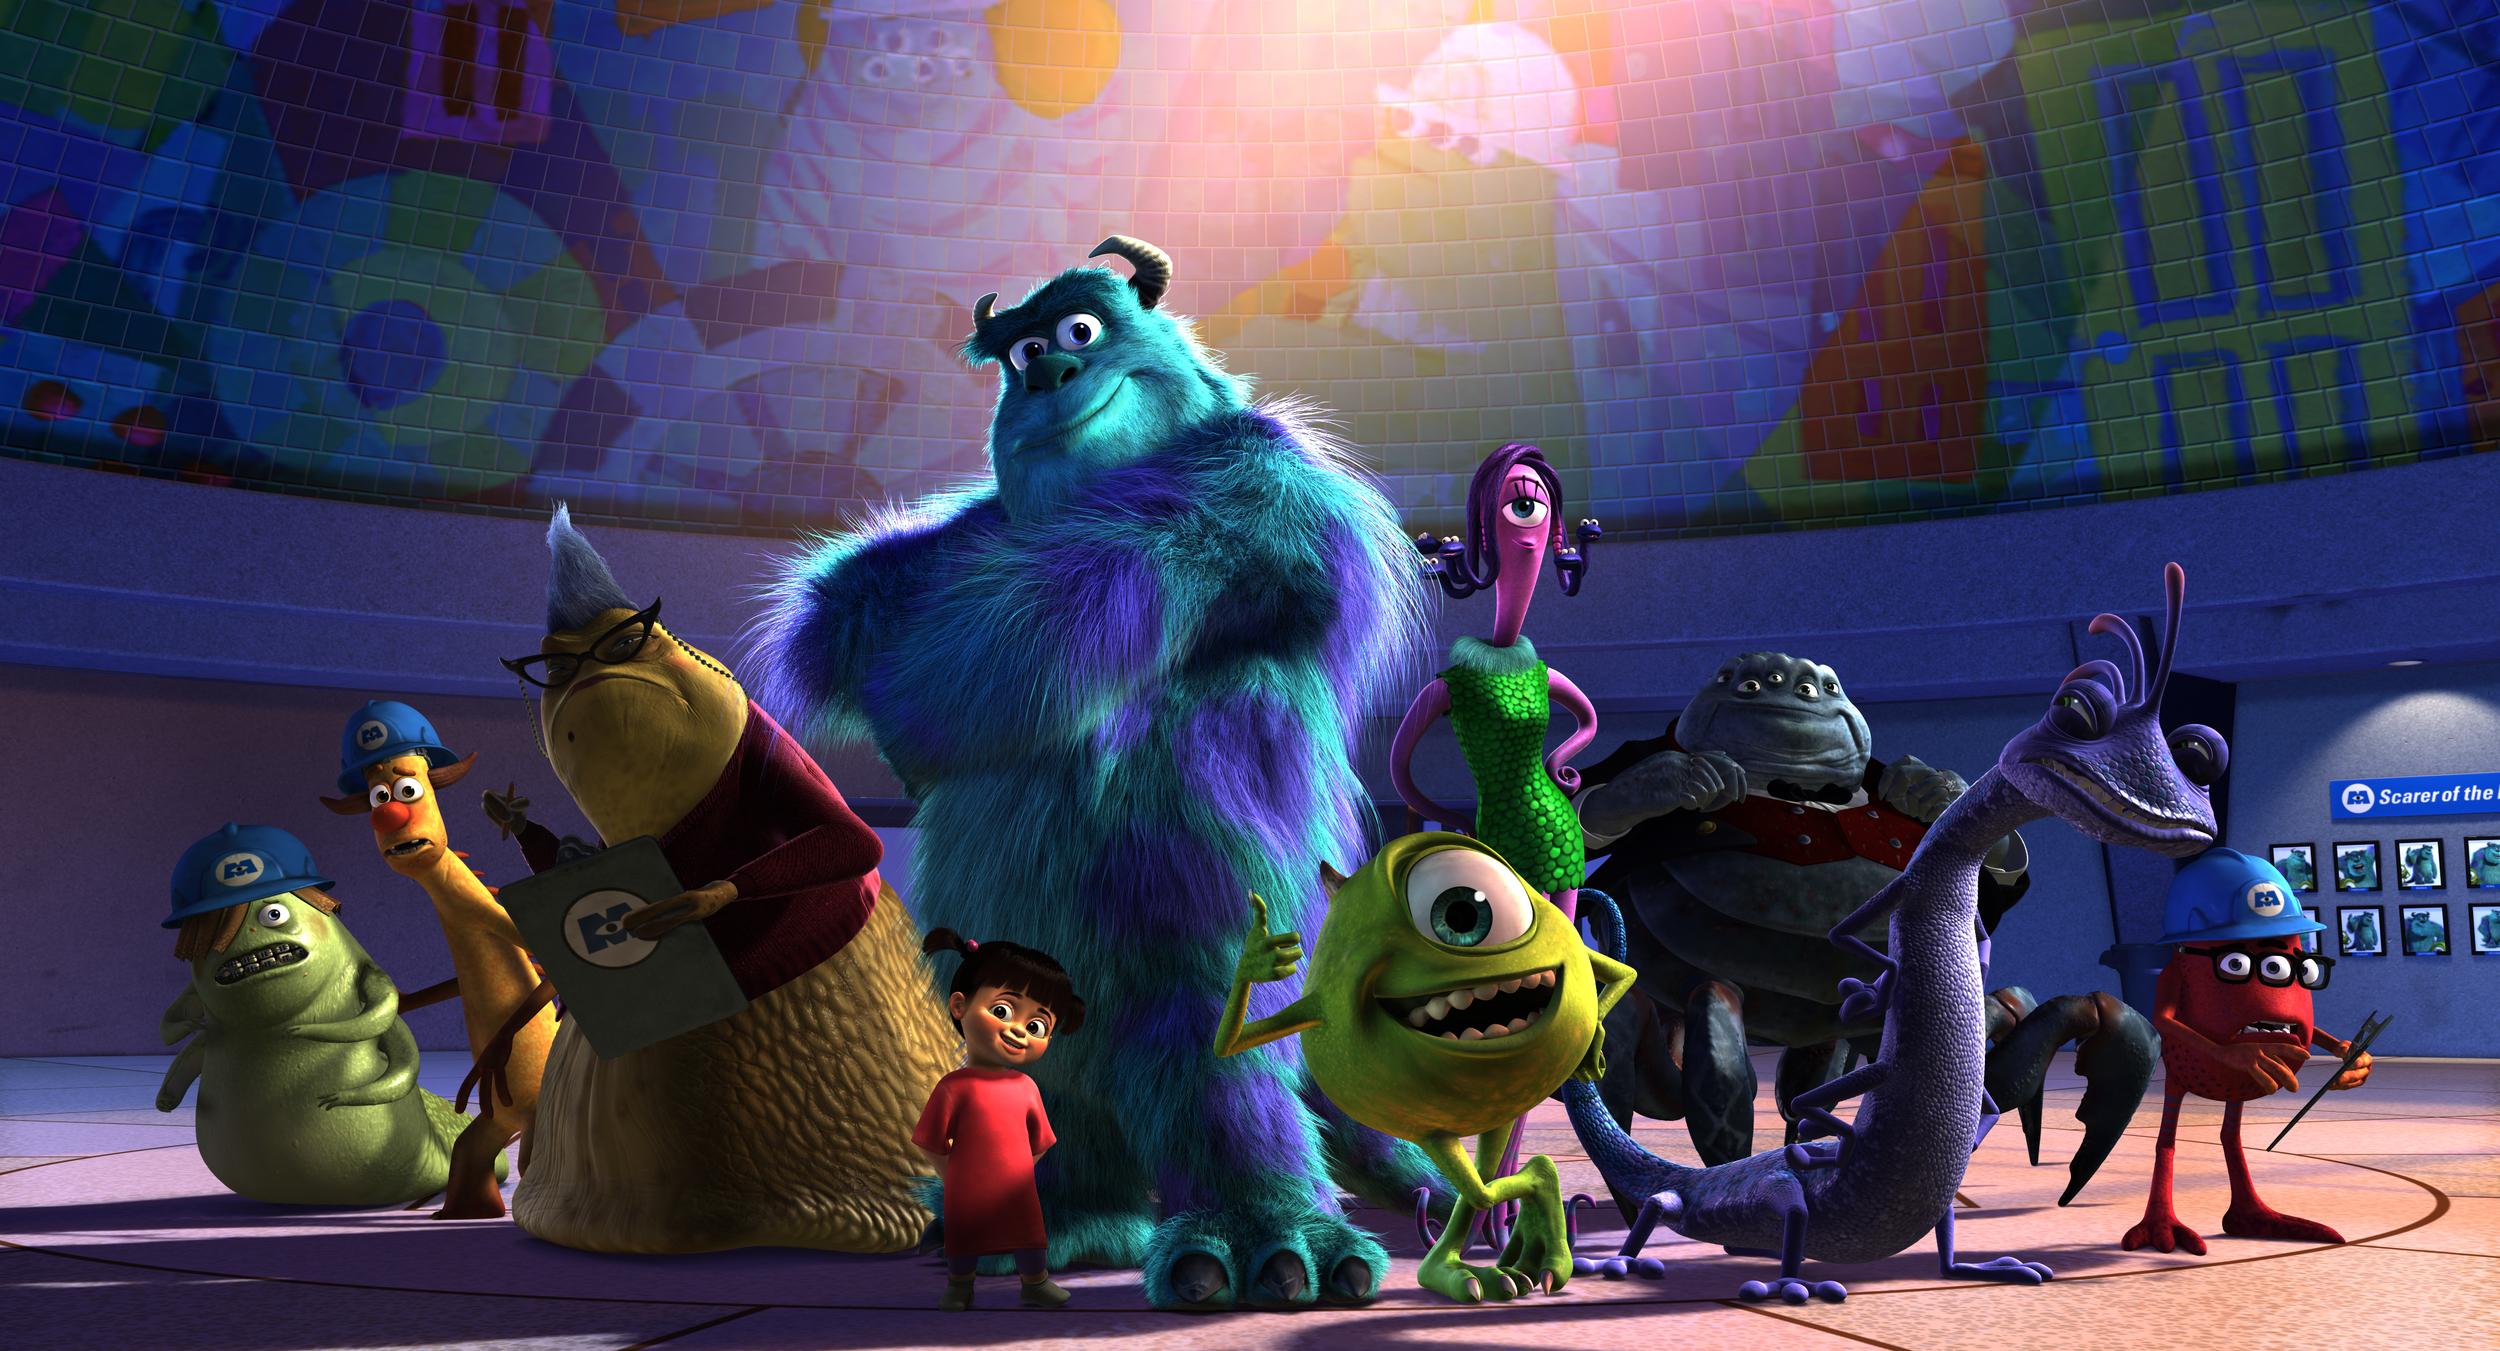 Monsters_002.jpg